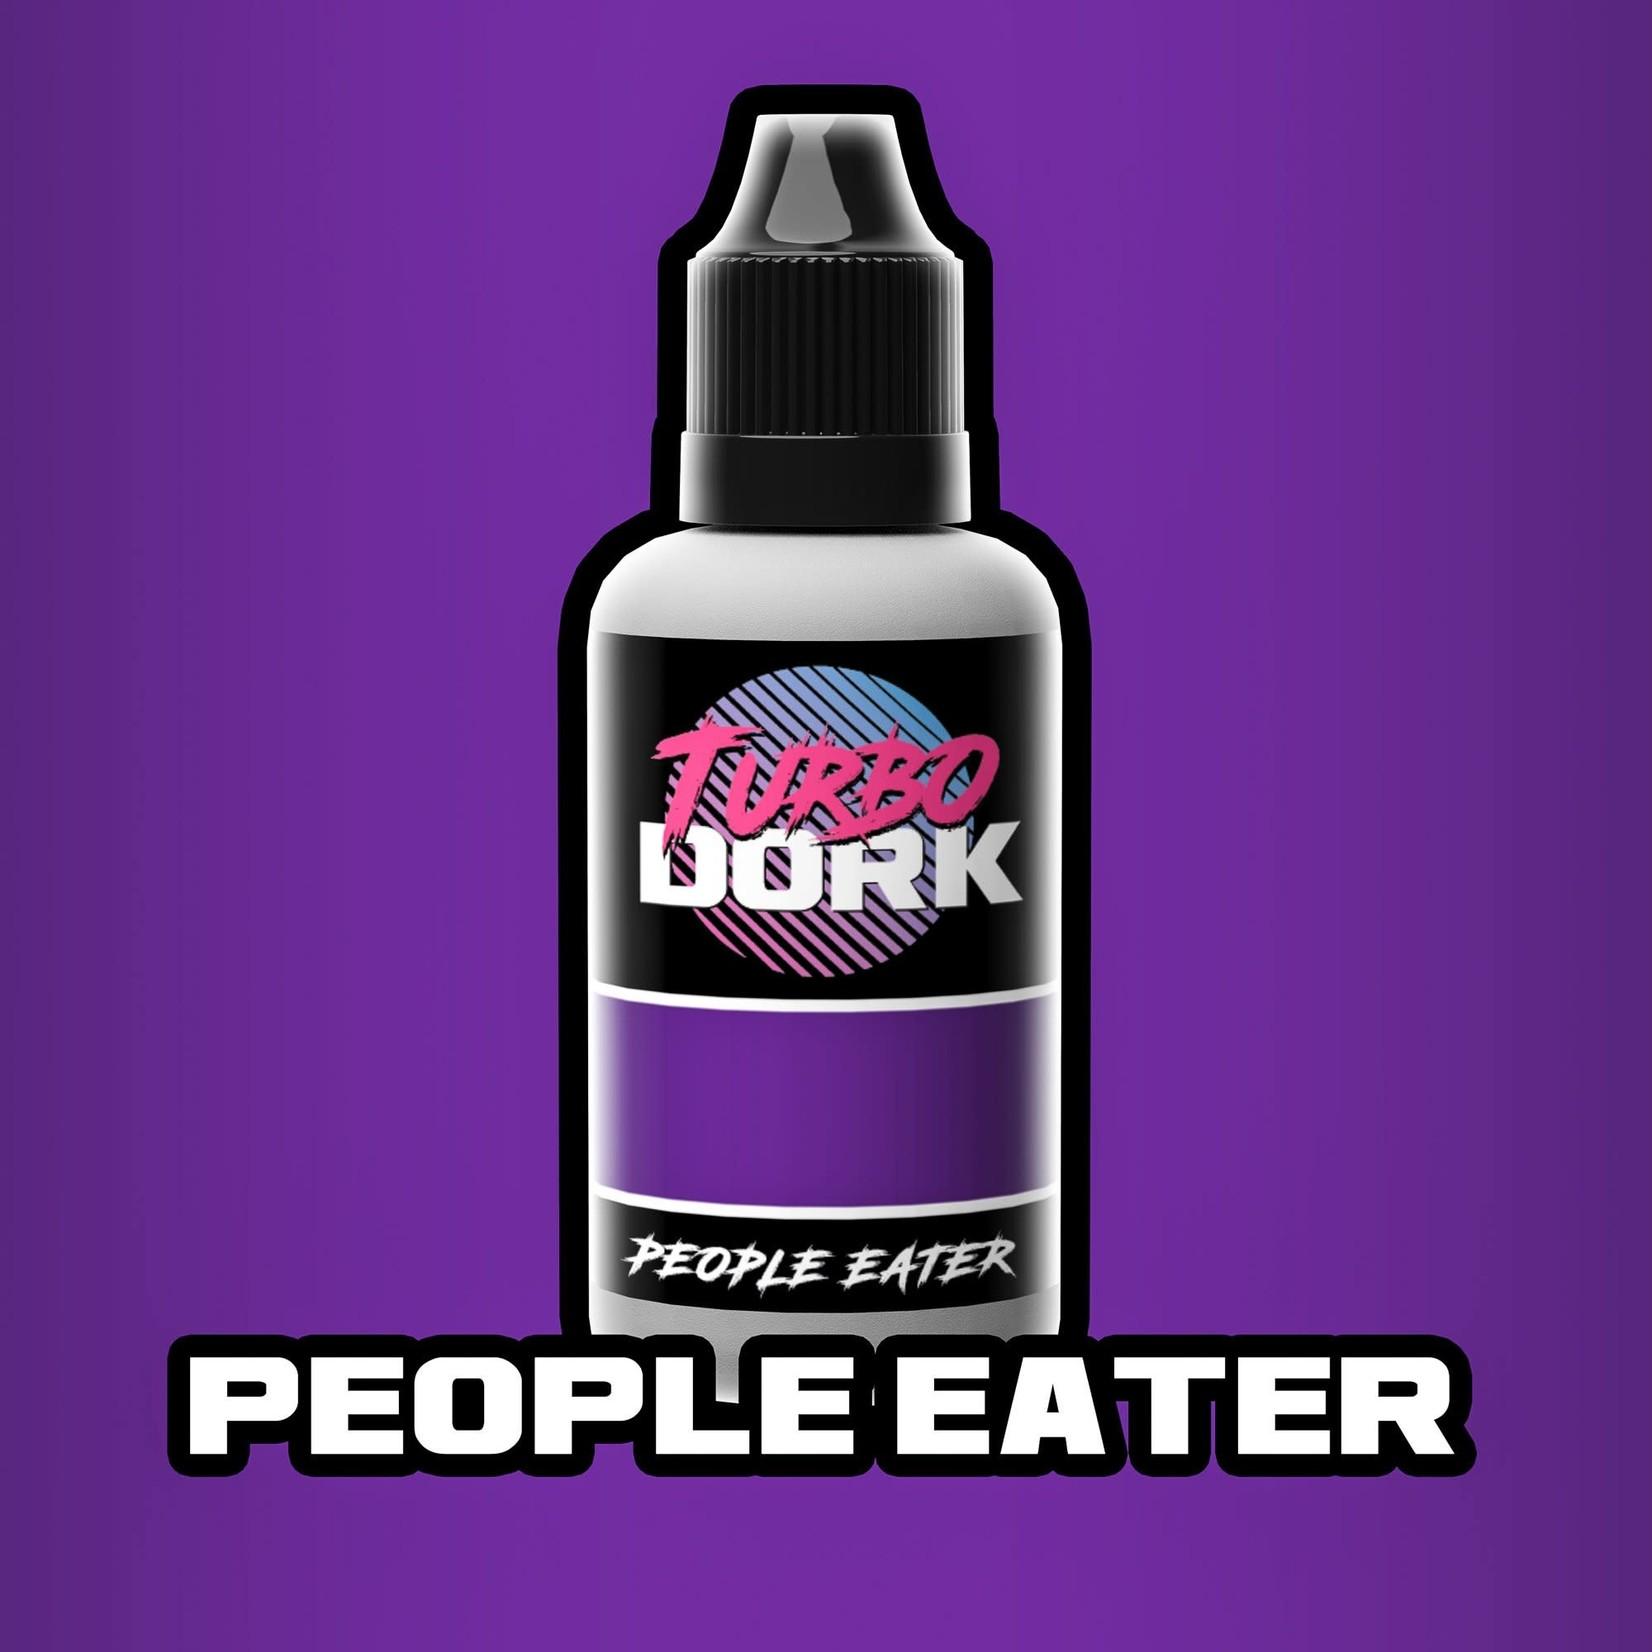 Turbodork People Eater Metallic Acrylic Paint